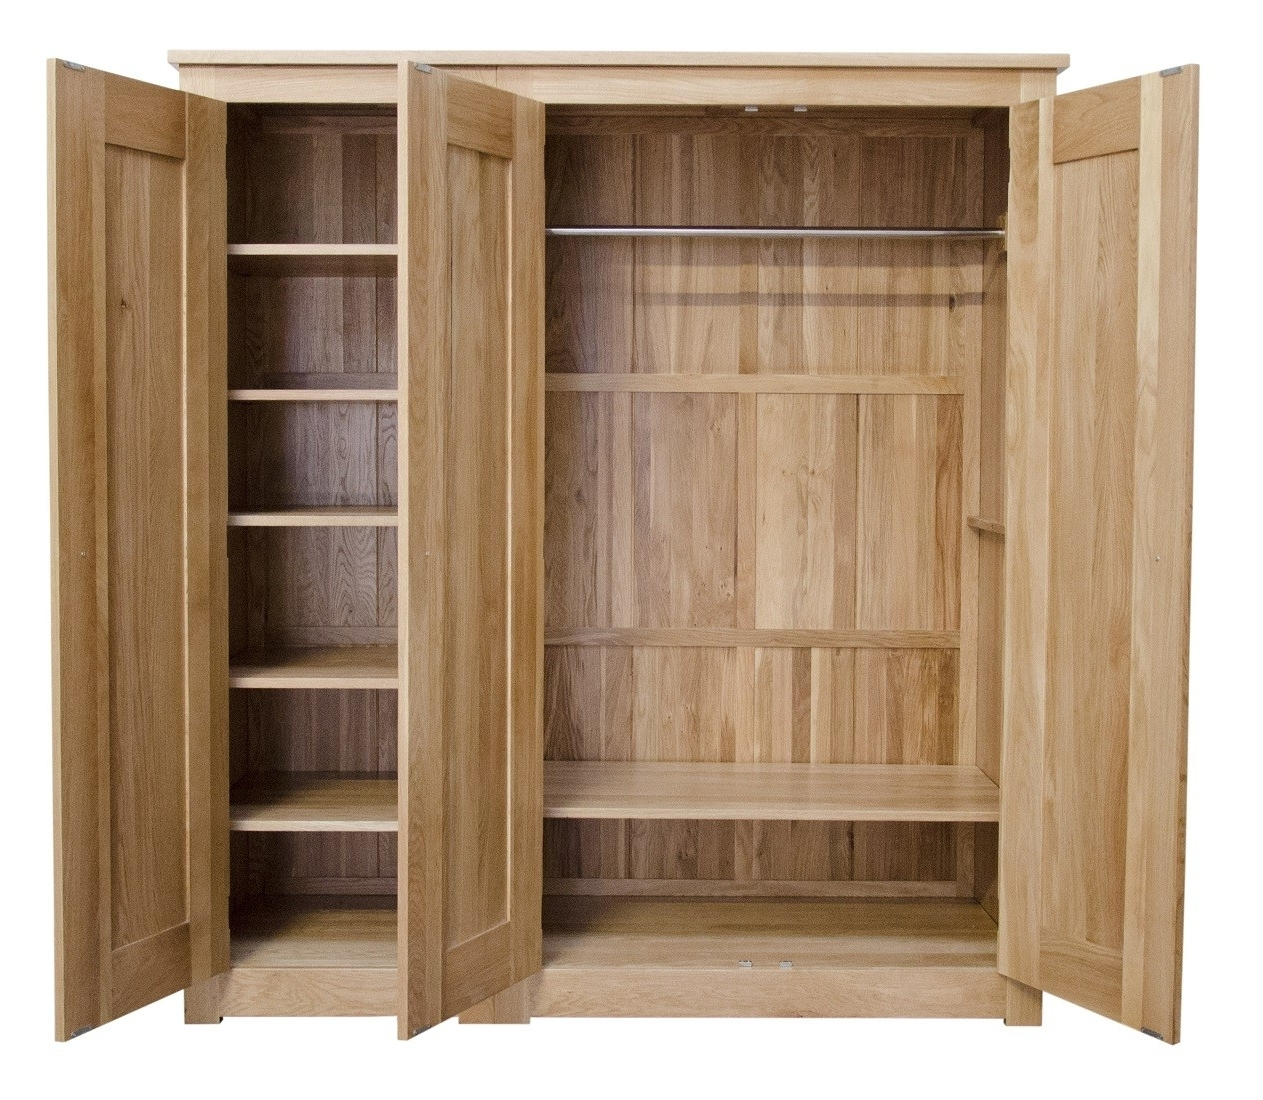 Oak Furniture Uk Regarding Triple Door Wardrobes (View 7 of 15)